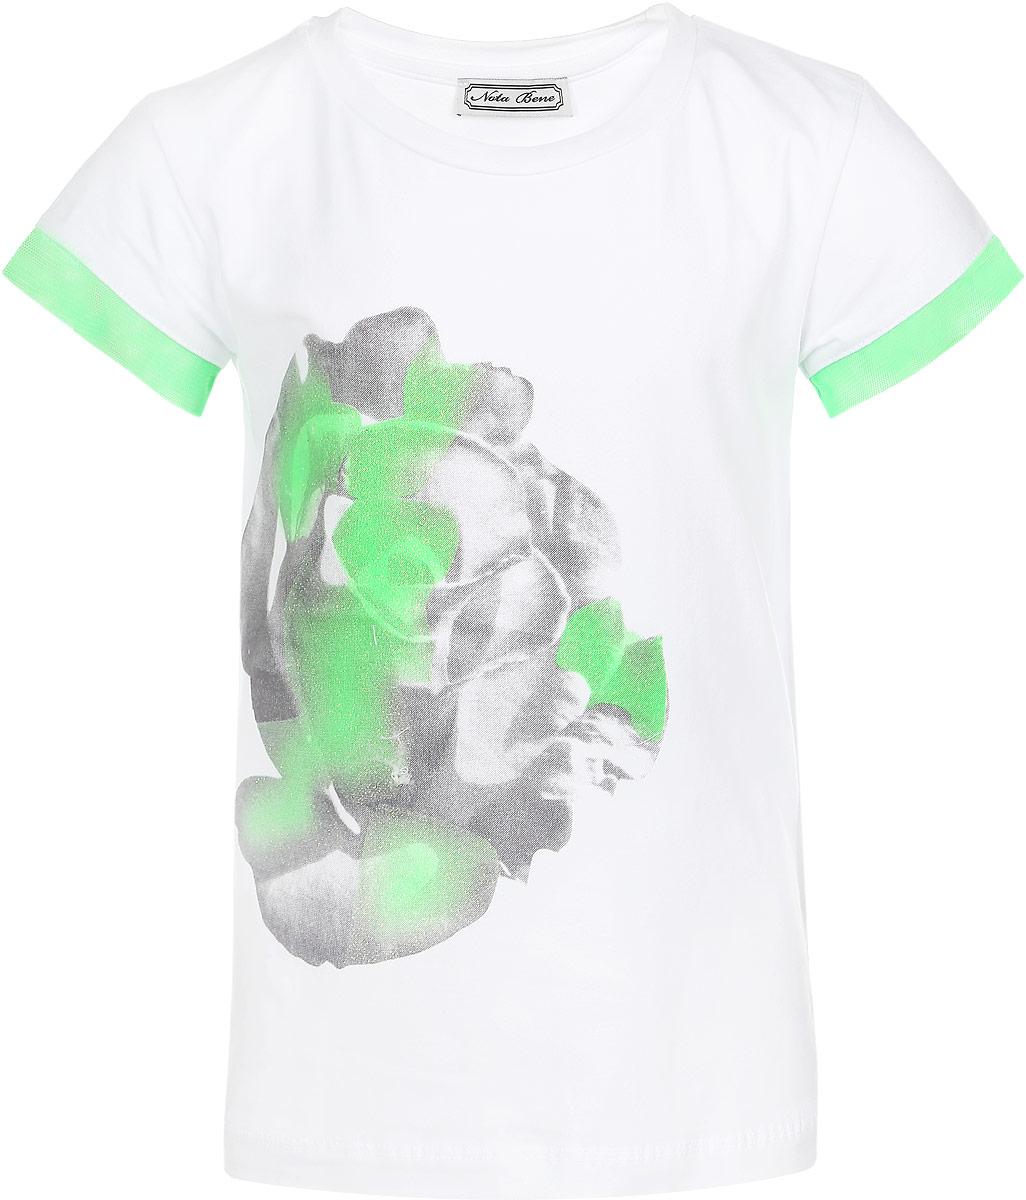 Футболка для девочки Nota Bene, цвет: белый, зеленый. SS162G285-1. Размер 140SS162G285-1Удобная и практичная футболка для девочки Nota Bene идеально подойдет вашей малышке. Изготовленная из эластичного хлопка, она невероятно мягкая и приятная на ощупь, великолепно тянется и превосходно пропускает воздух, благодаря чему идеально подойдет для активных игр и повседневной носки. Футболка с короткими рукавами и круглым вырезом горловины украшена контрастной окантовкой на рукавах из микросетки. Модель декорирована принтом с изображением розы и блестящим напылением. Оригинальный современный дизайн и модная расцветка делают эту футболку модным и стильным предметом детского гардероба. В ней ваша маленькая модница будет чувствовать себя уютно и комфортно, и всегда будет в центре внимания!